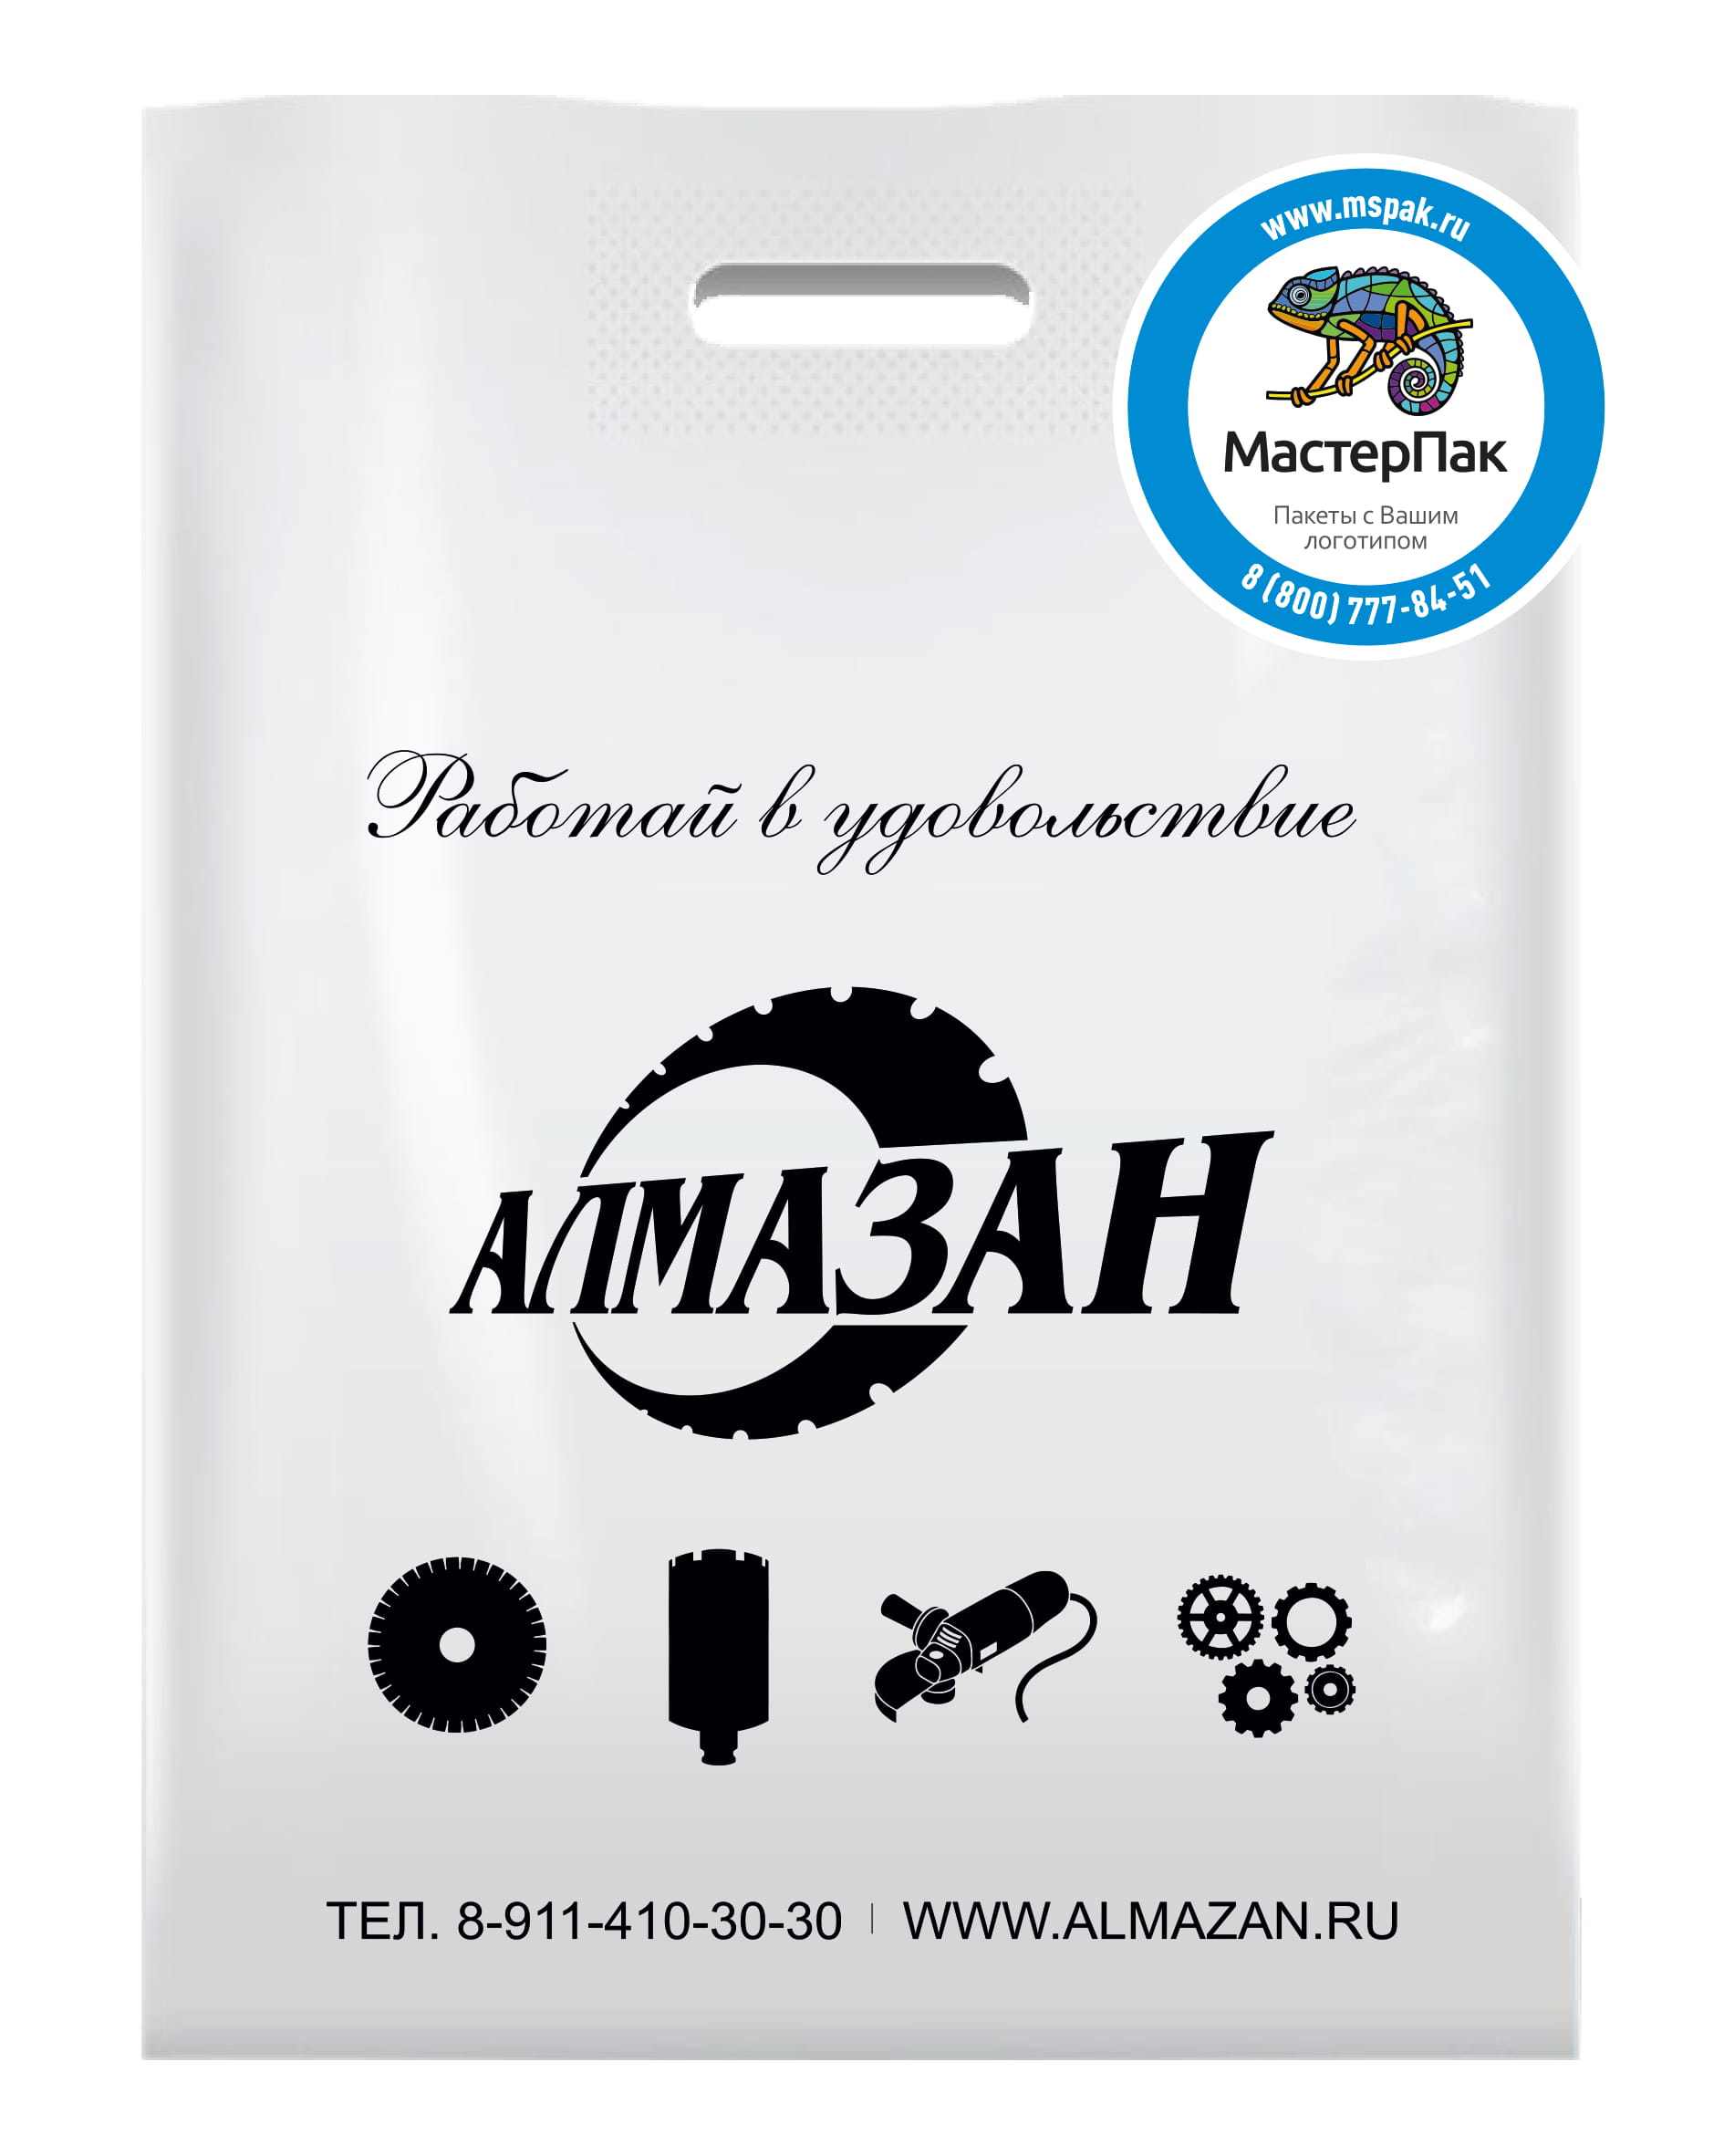 Пакет ПВД с логотипом Алмазан, Петрозаводск, 70 мкм, 30*40, белый